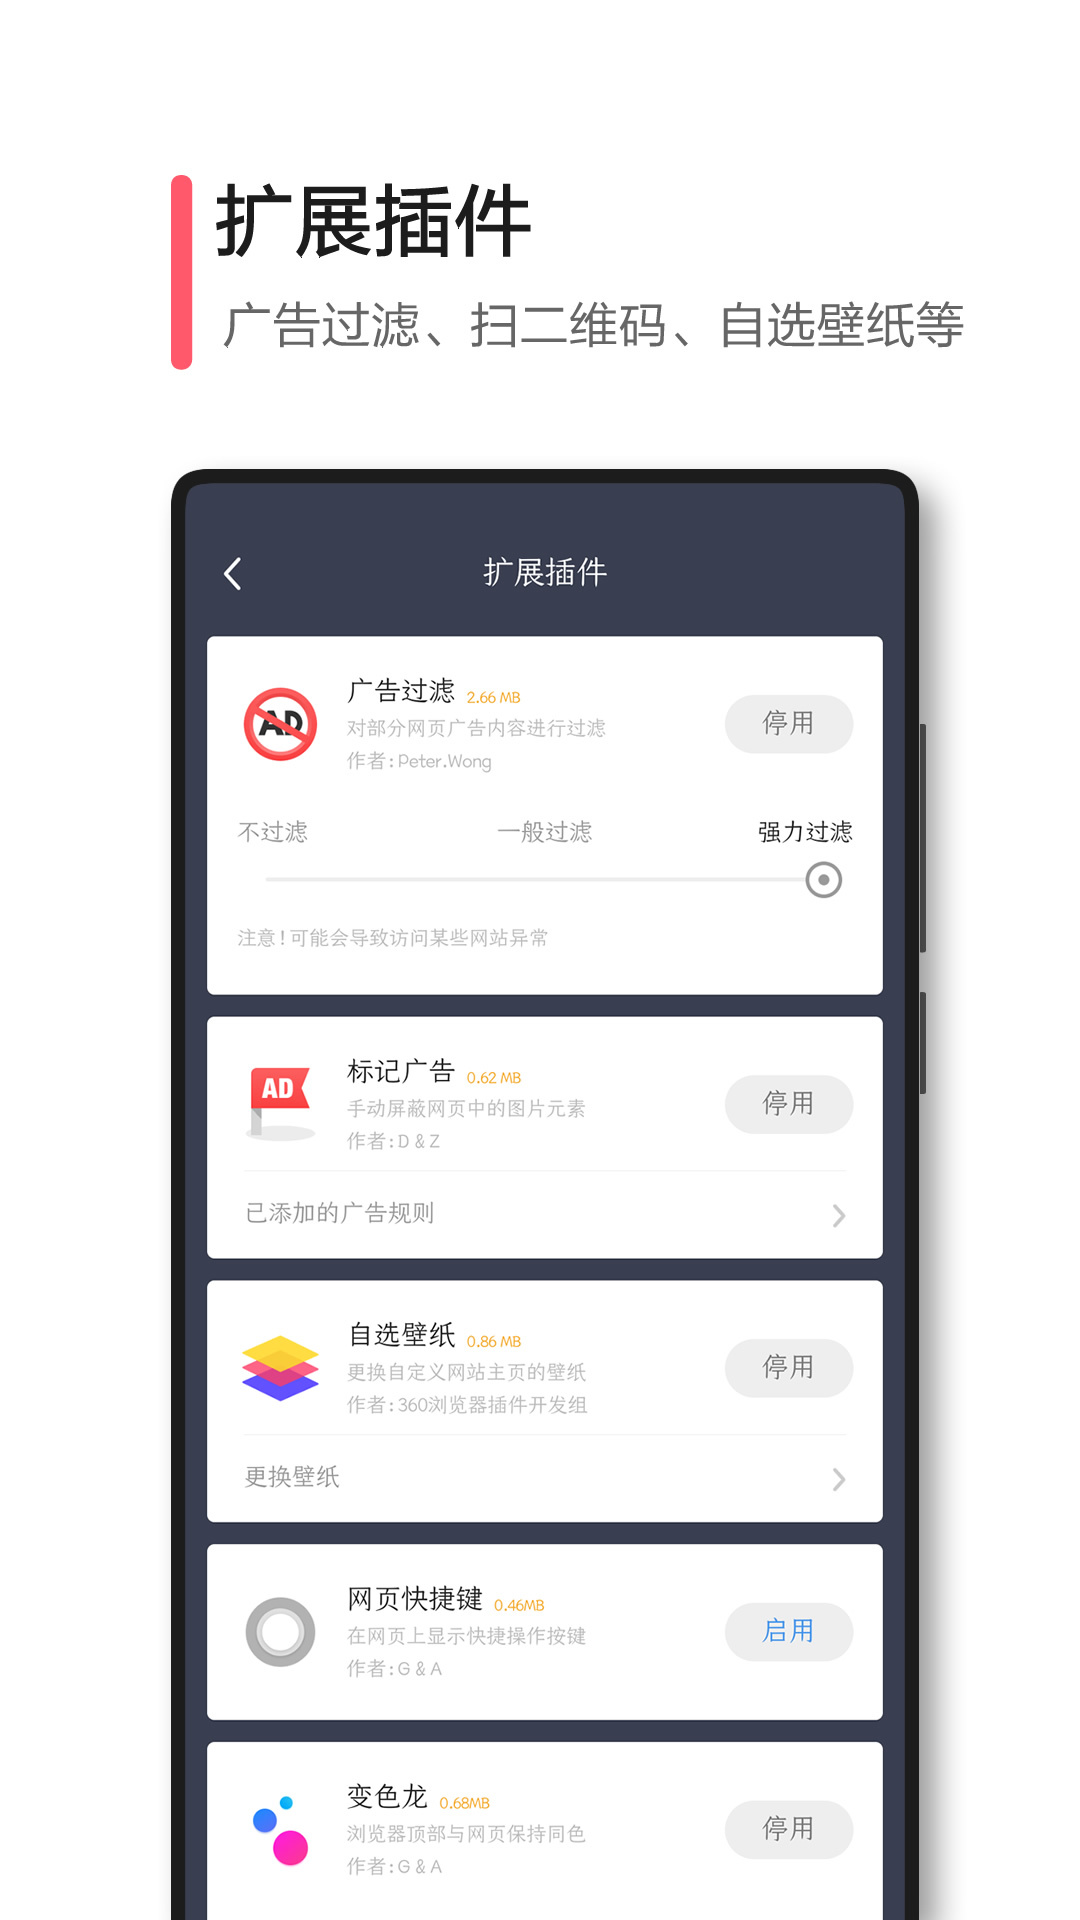 2017最新版闪游浏览器官方下载图片1